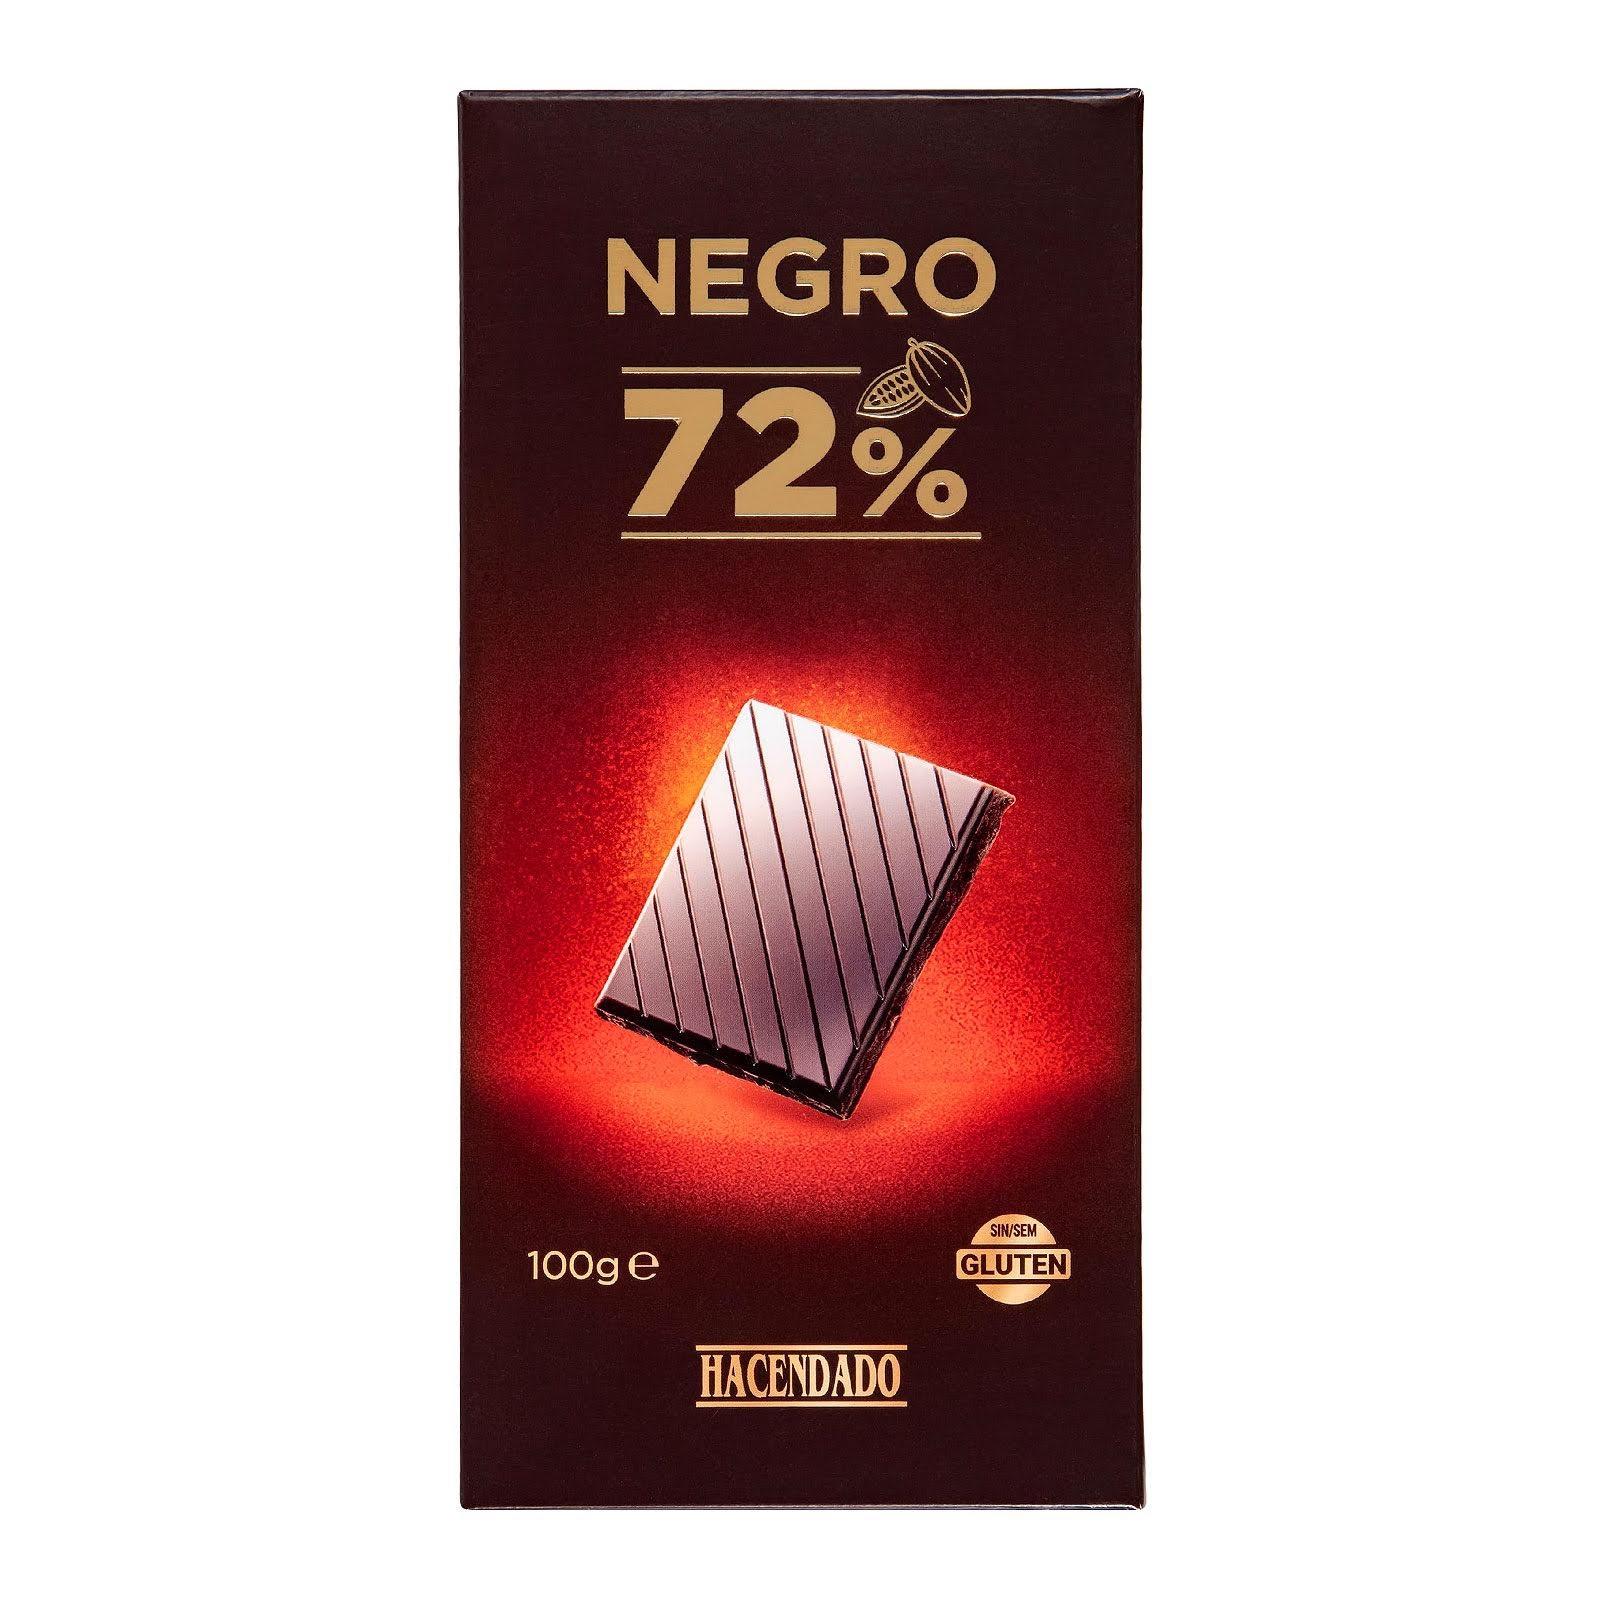 Chocolate negro extrafino 72% de cacao Hacendado